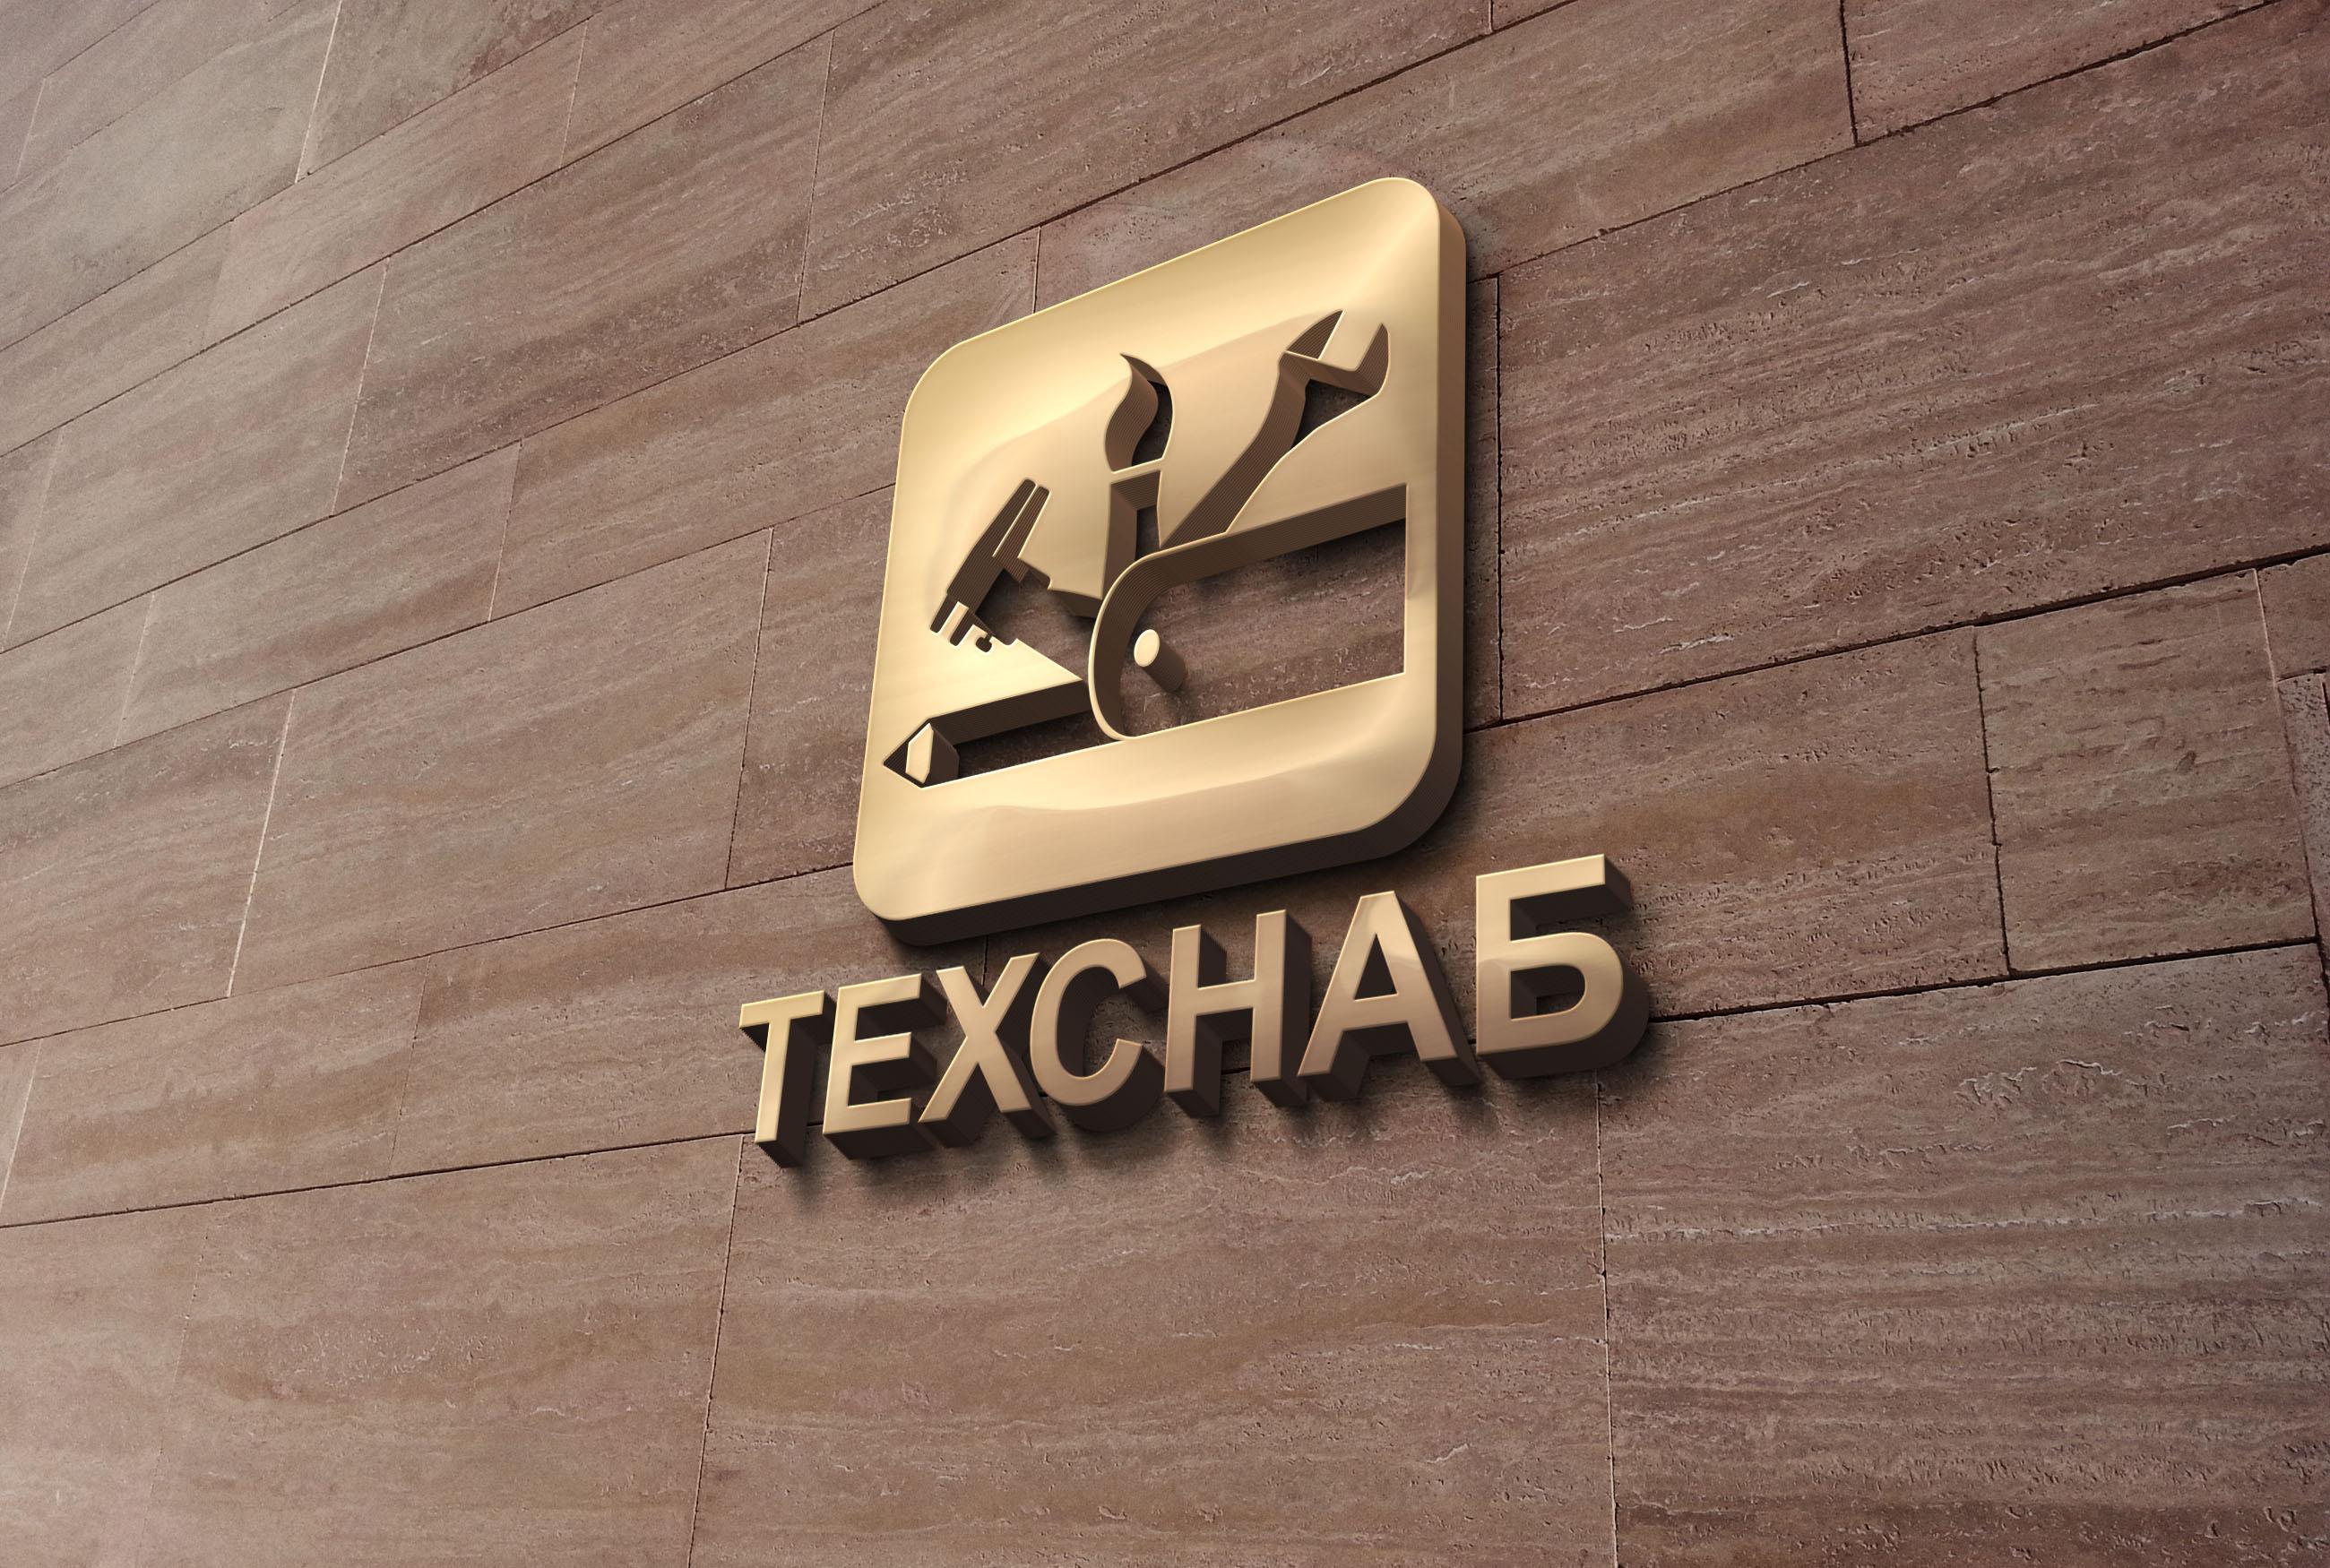 Разработка логотипа и фирм. стиля компании  ТЕХСНАБ фото f_9255b1ead68a7115.jpg